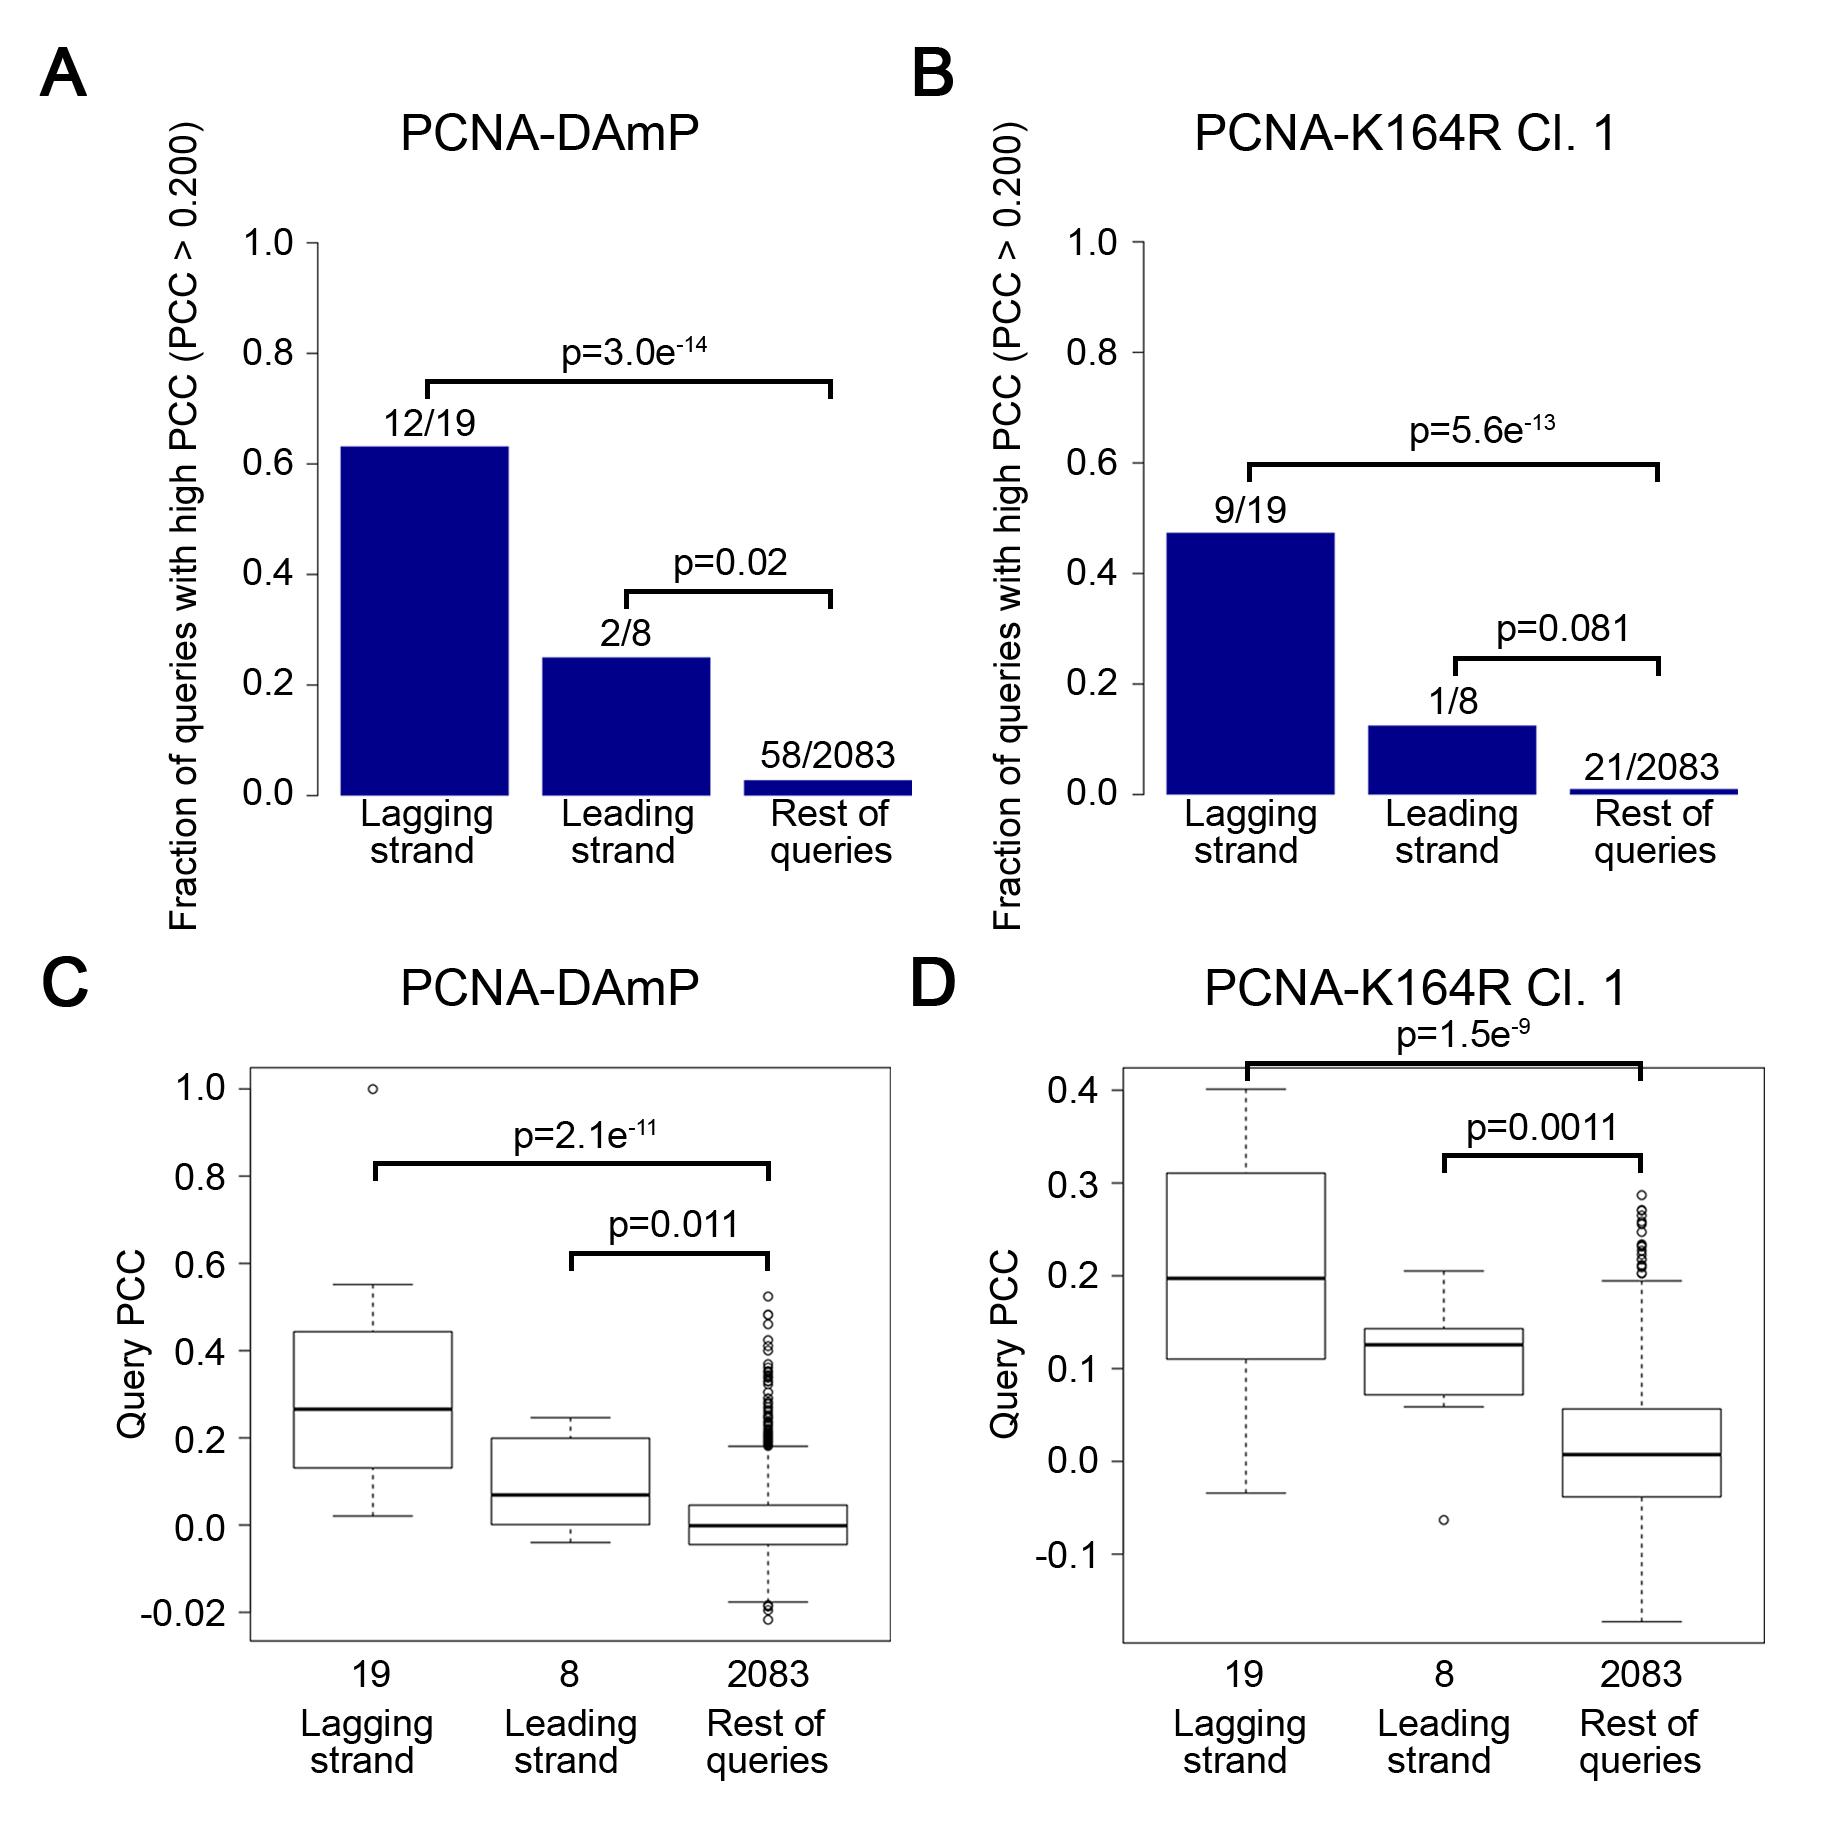 The PCNA-K164R SGA profile strongly resembles lagging strand replication mutant profiles.